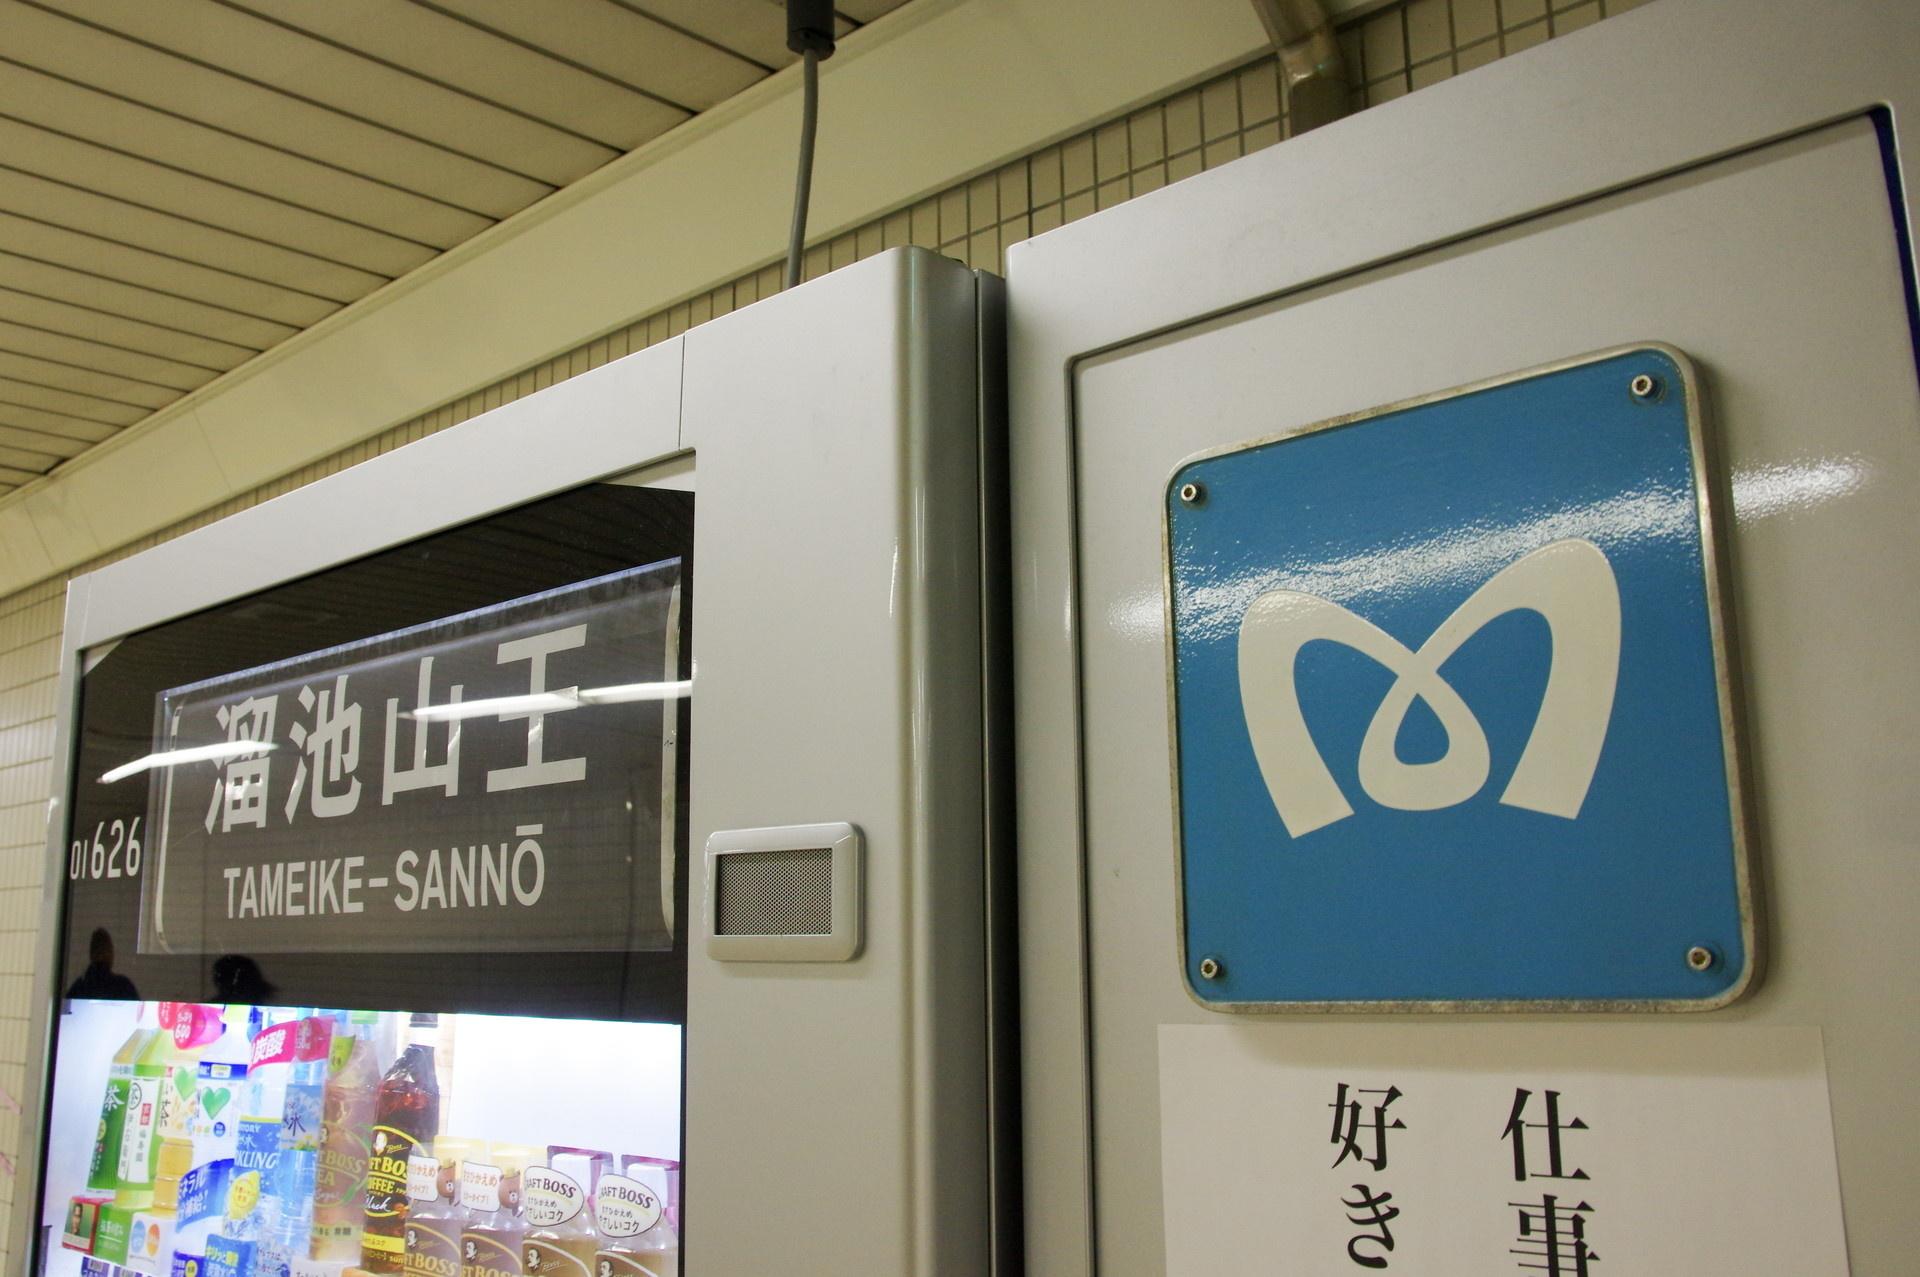 東京メトロロゴプレートとスピーカー